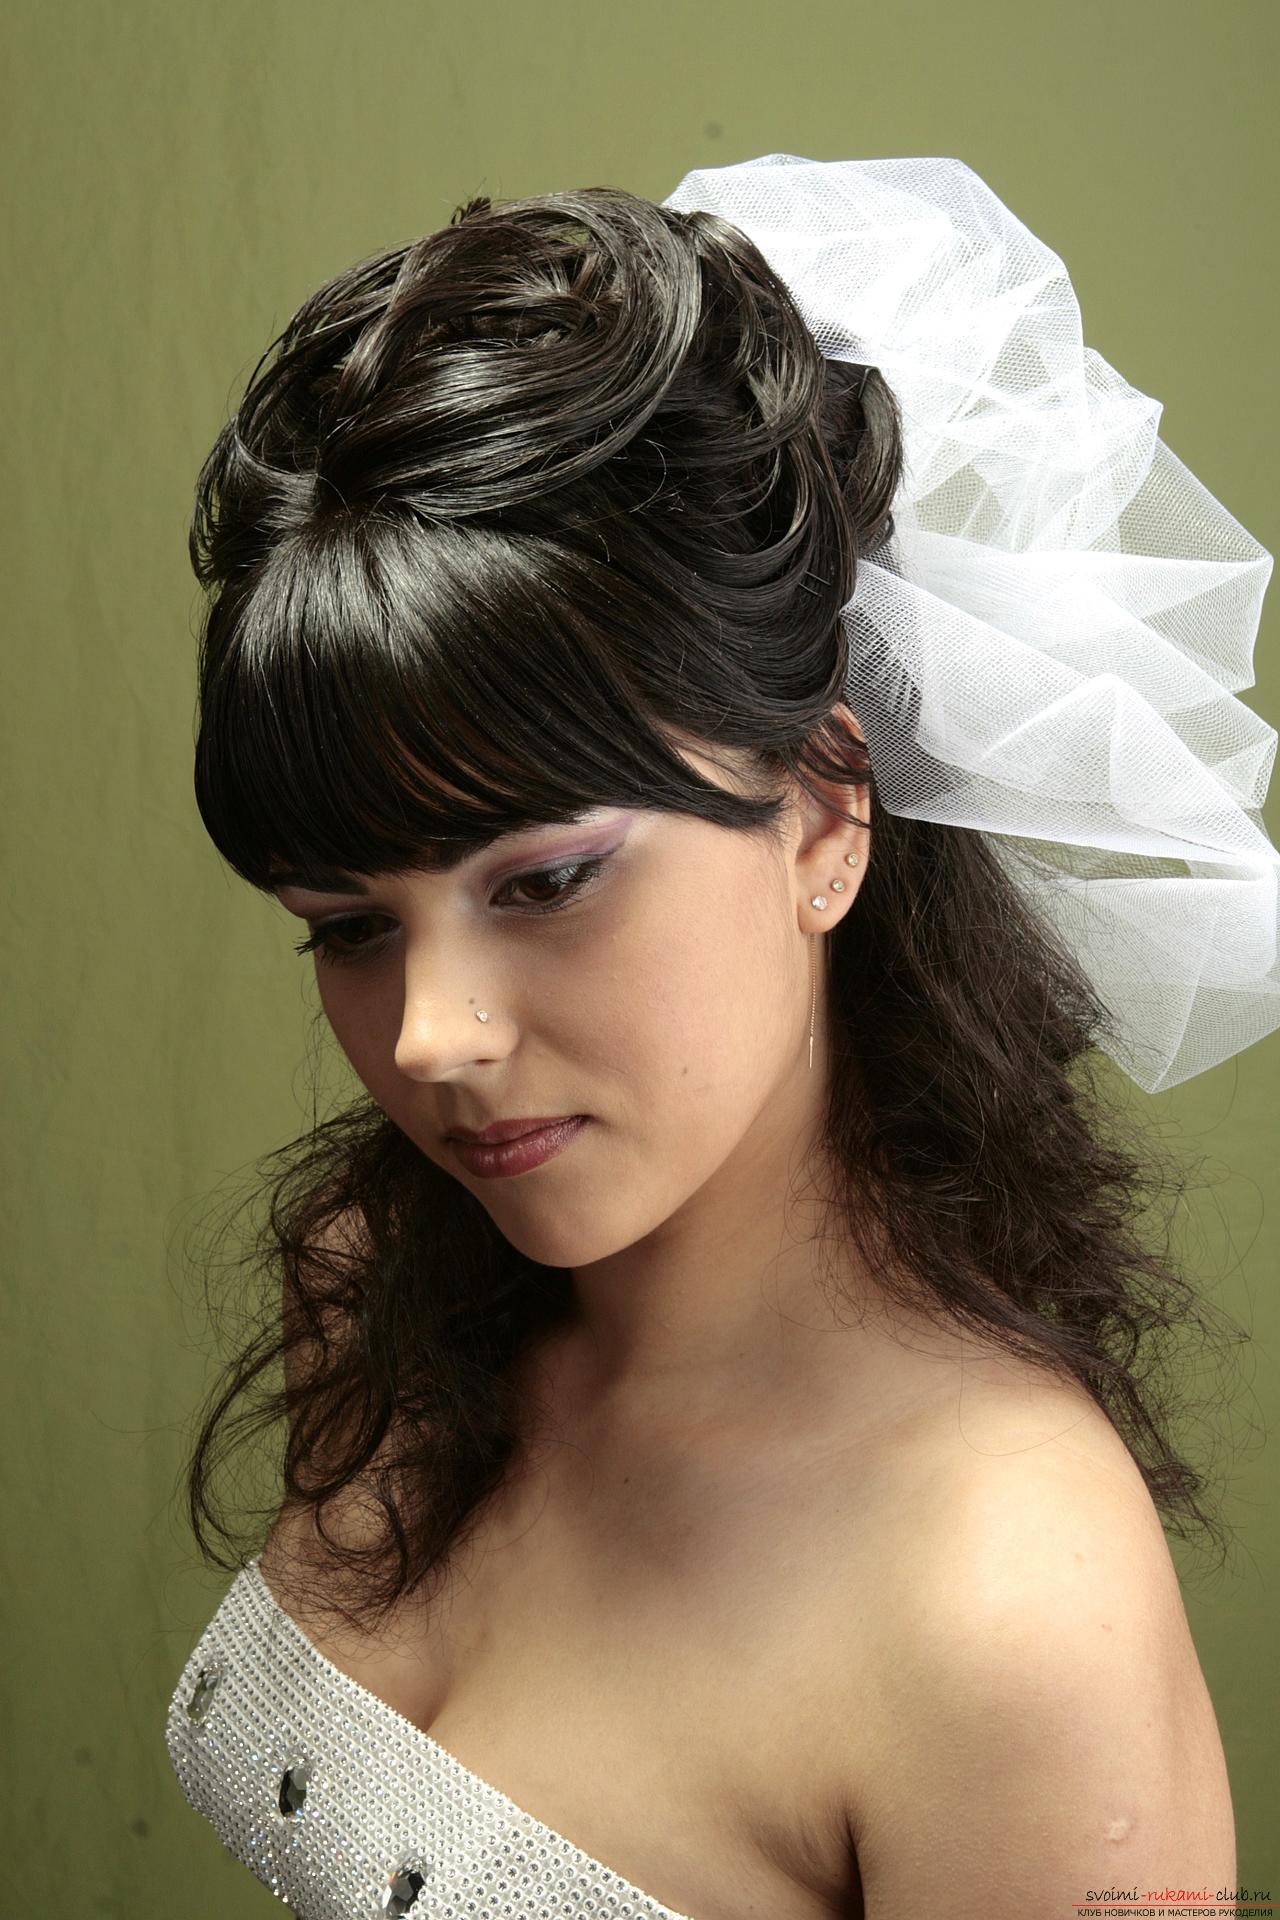 Прически на свадьбу на среднюю длину волос с челкой фото